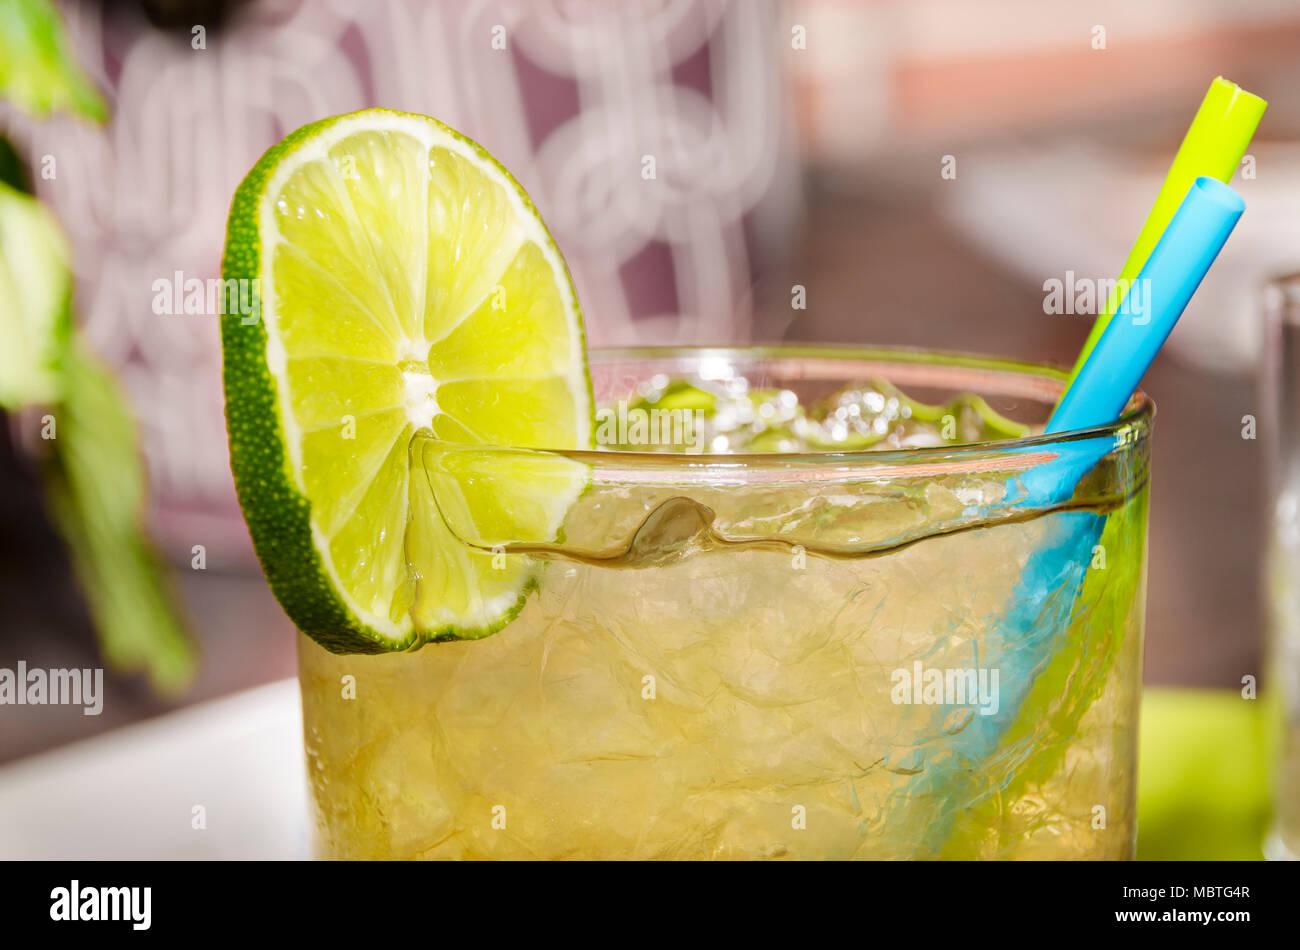 Bevanda ghiacciata con una fetta di limone in un bicchiere con due cannucce Immagini Stock